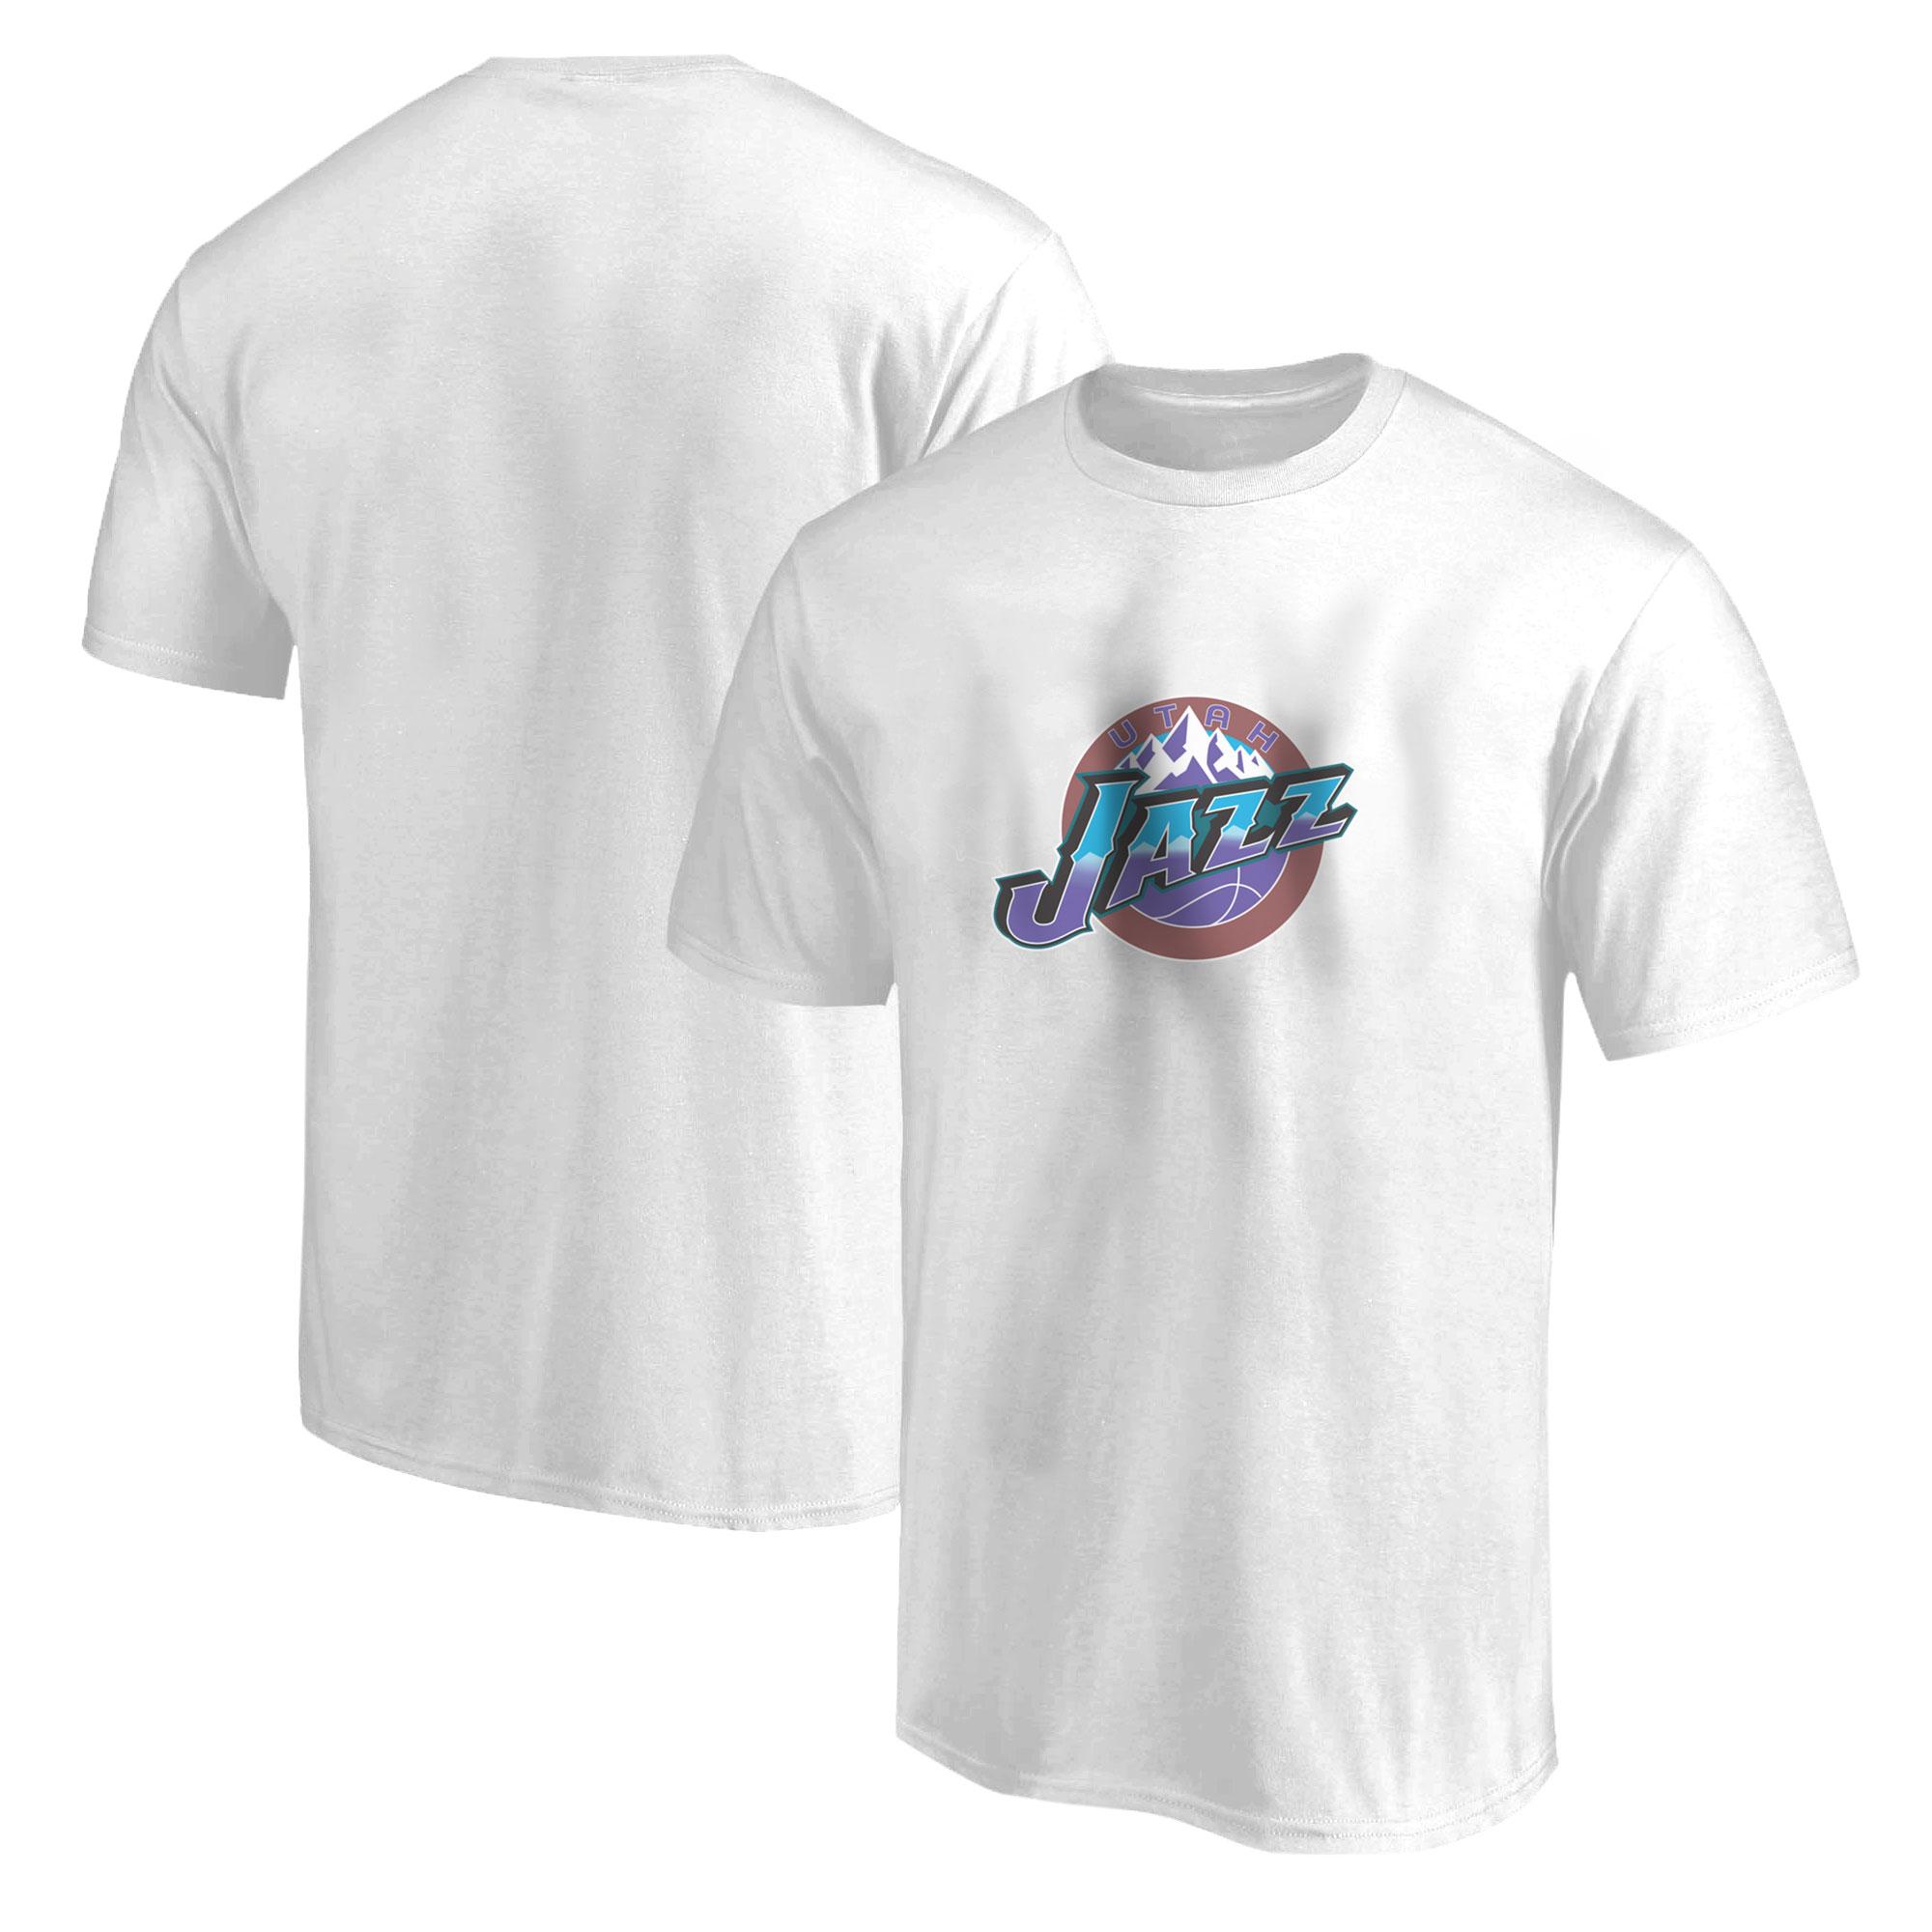 Utah Jazz  Tshirt (TSH-GRN-500-NBA-UTH)